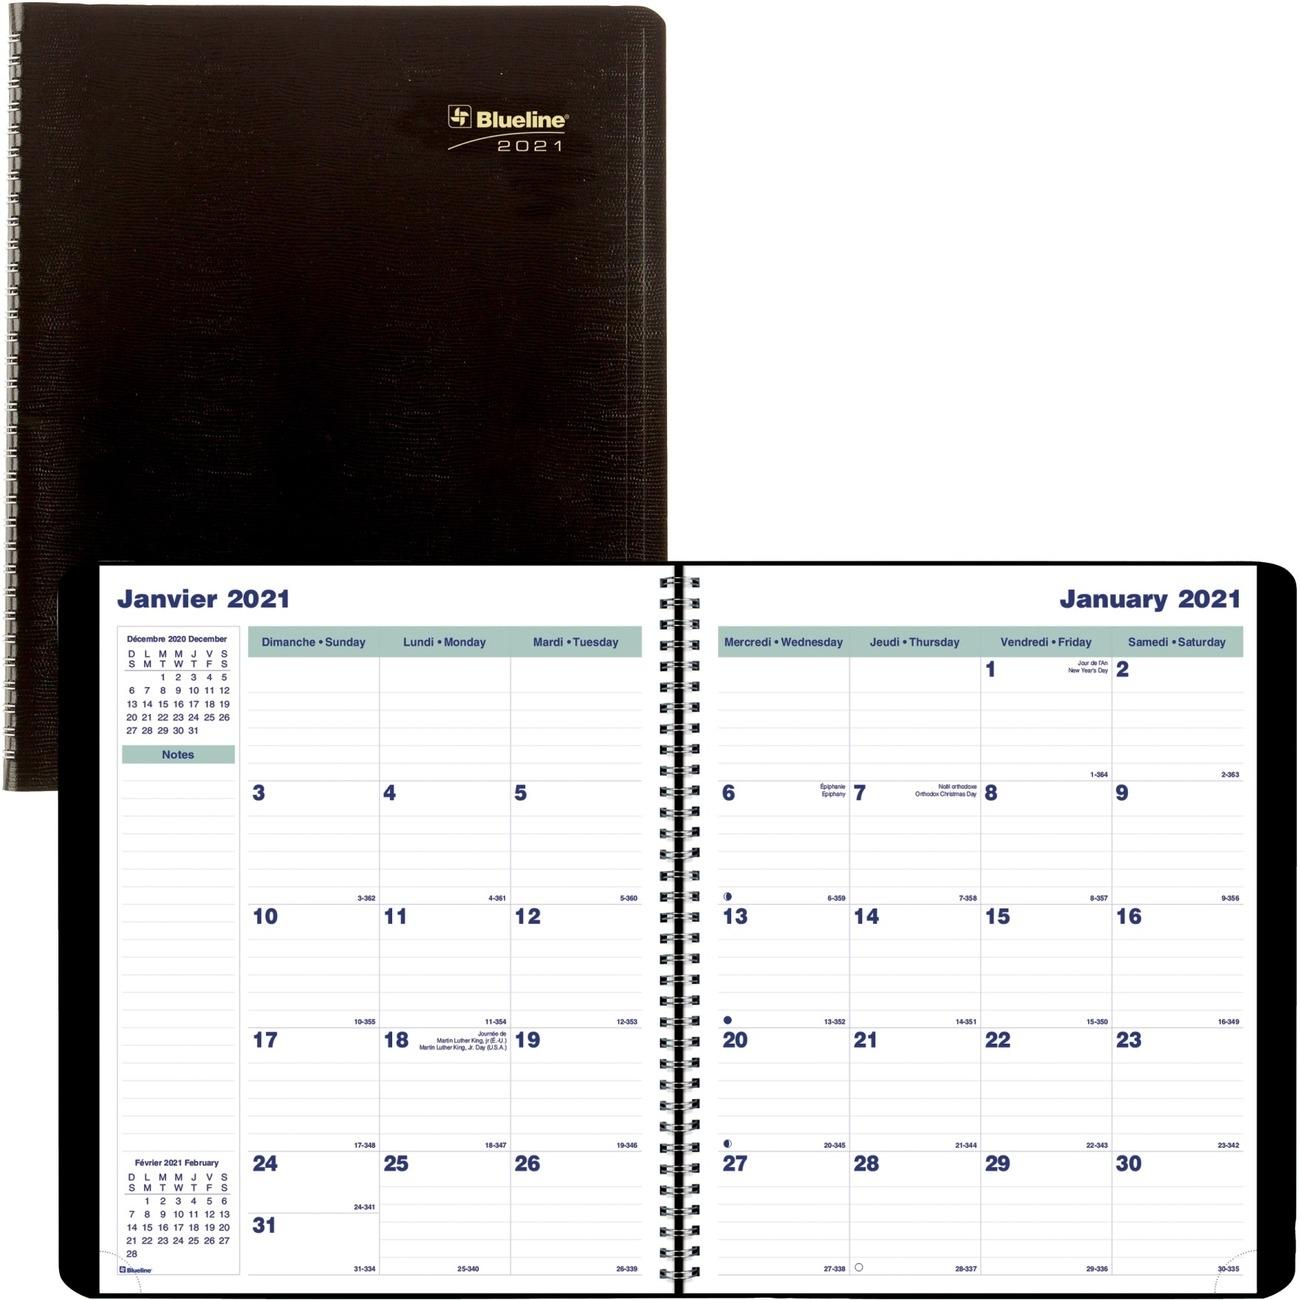 Catch Setptember 13 2021 Julian Date